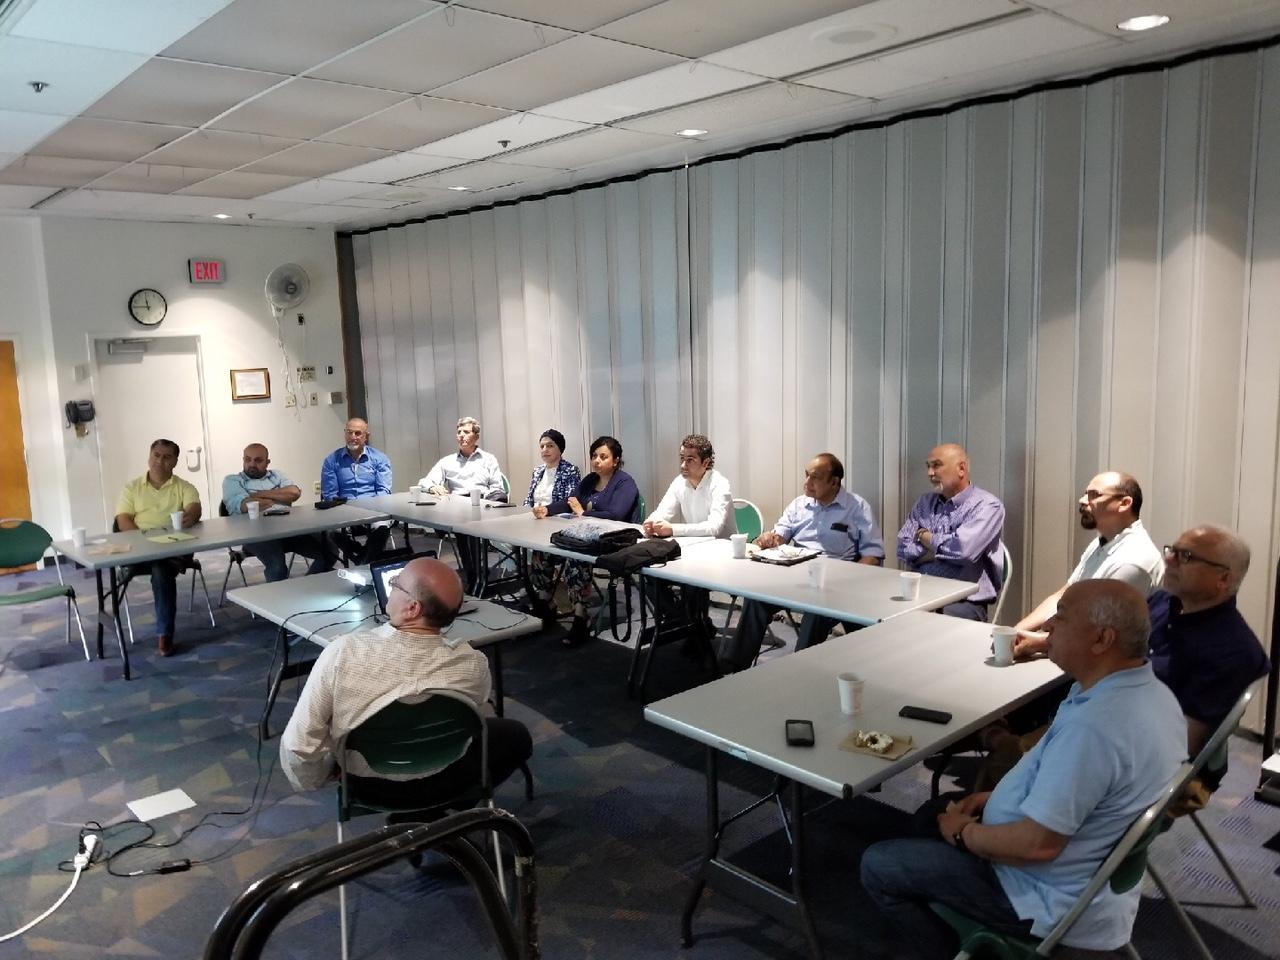 2018-05-12-Meeting-1.jpg